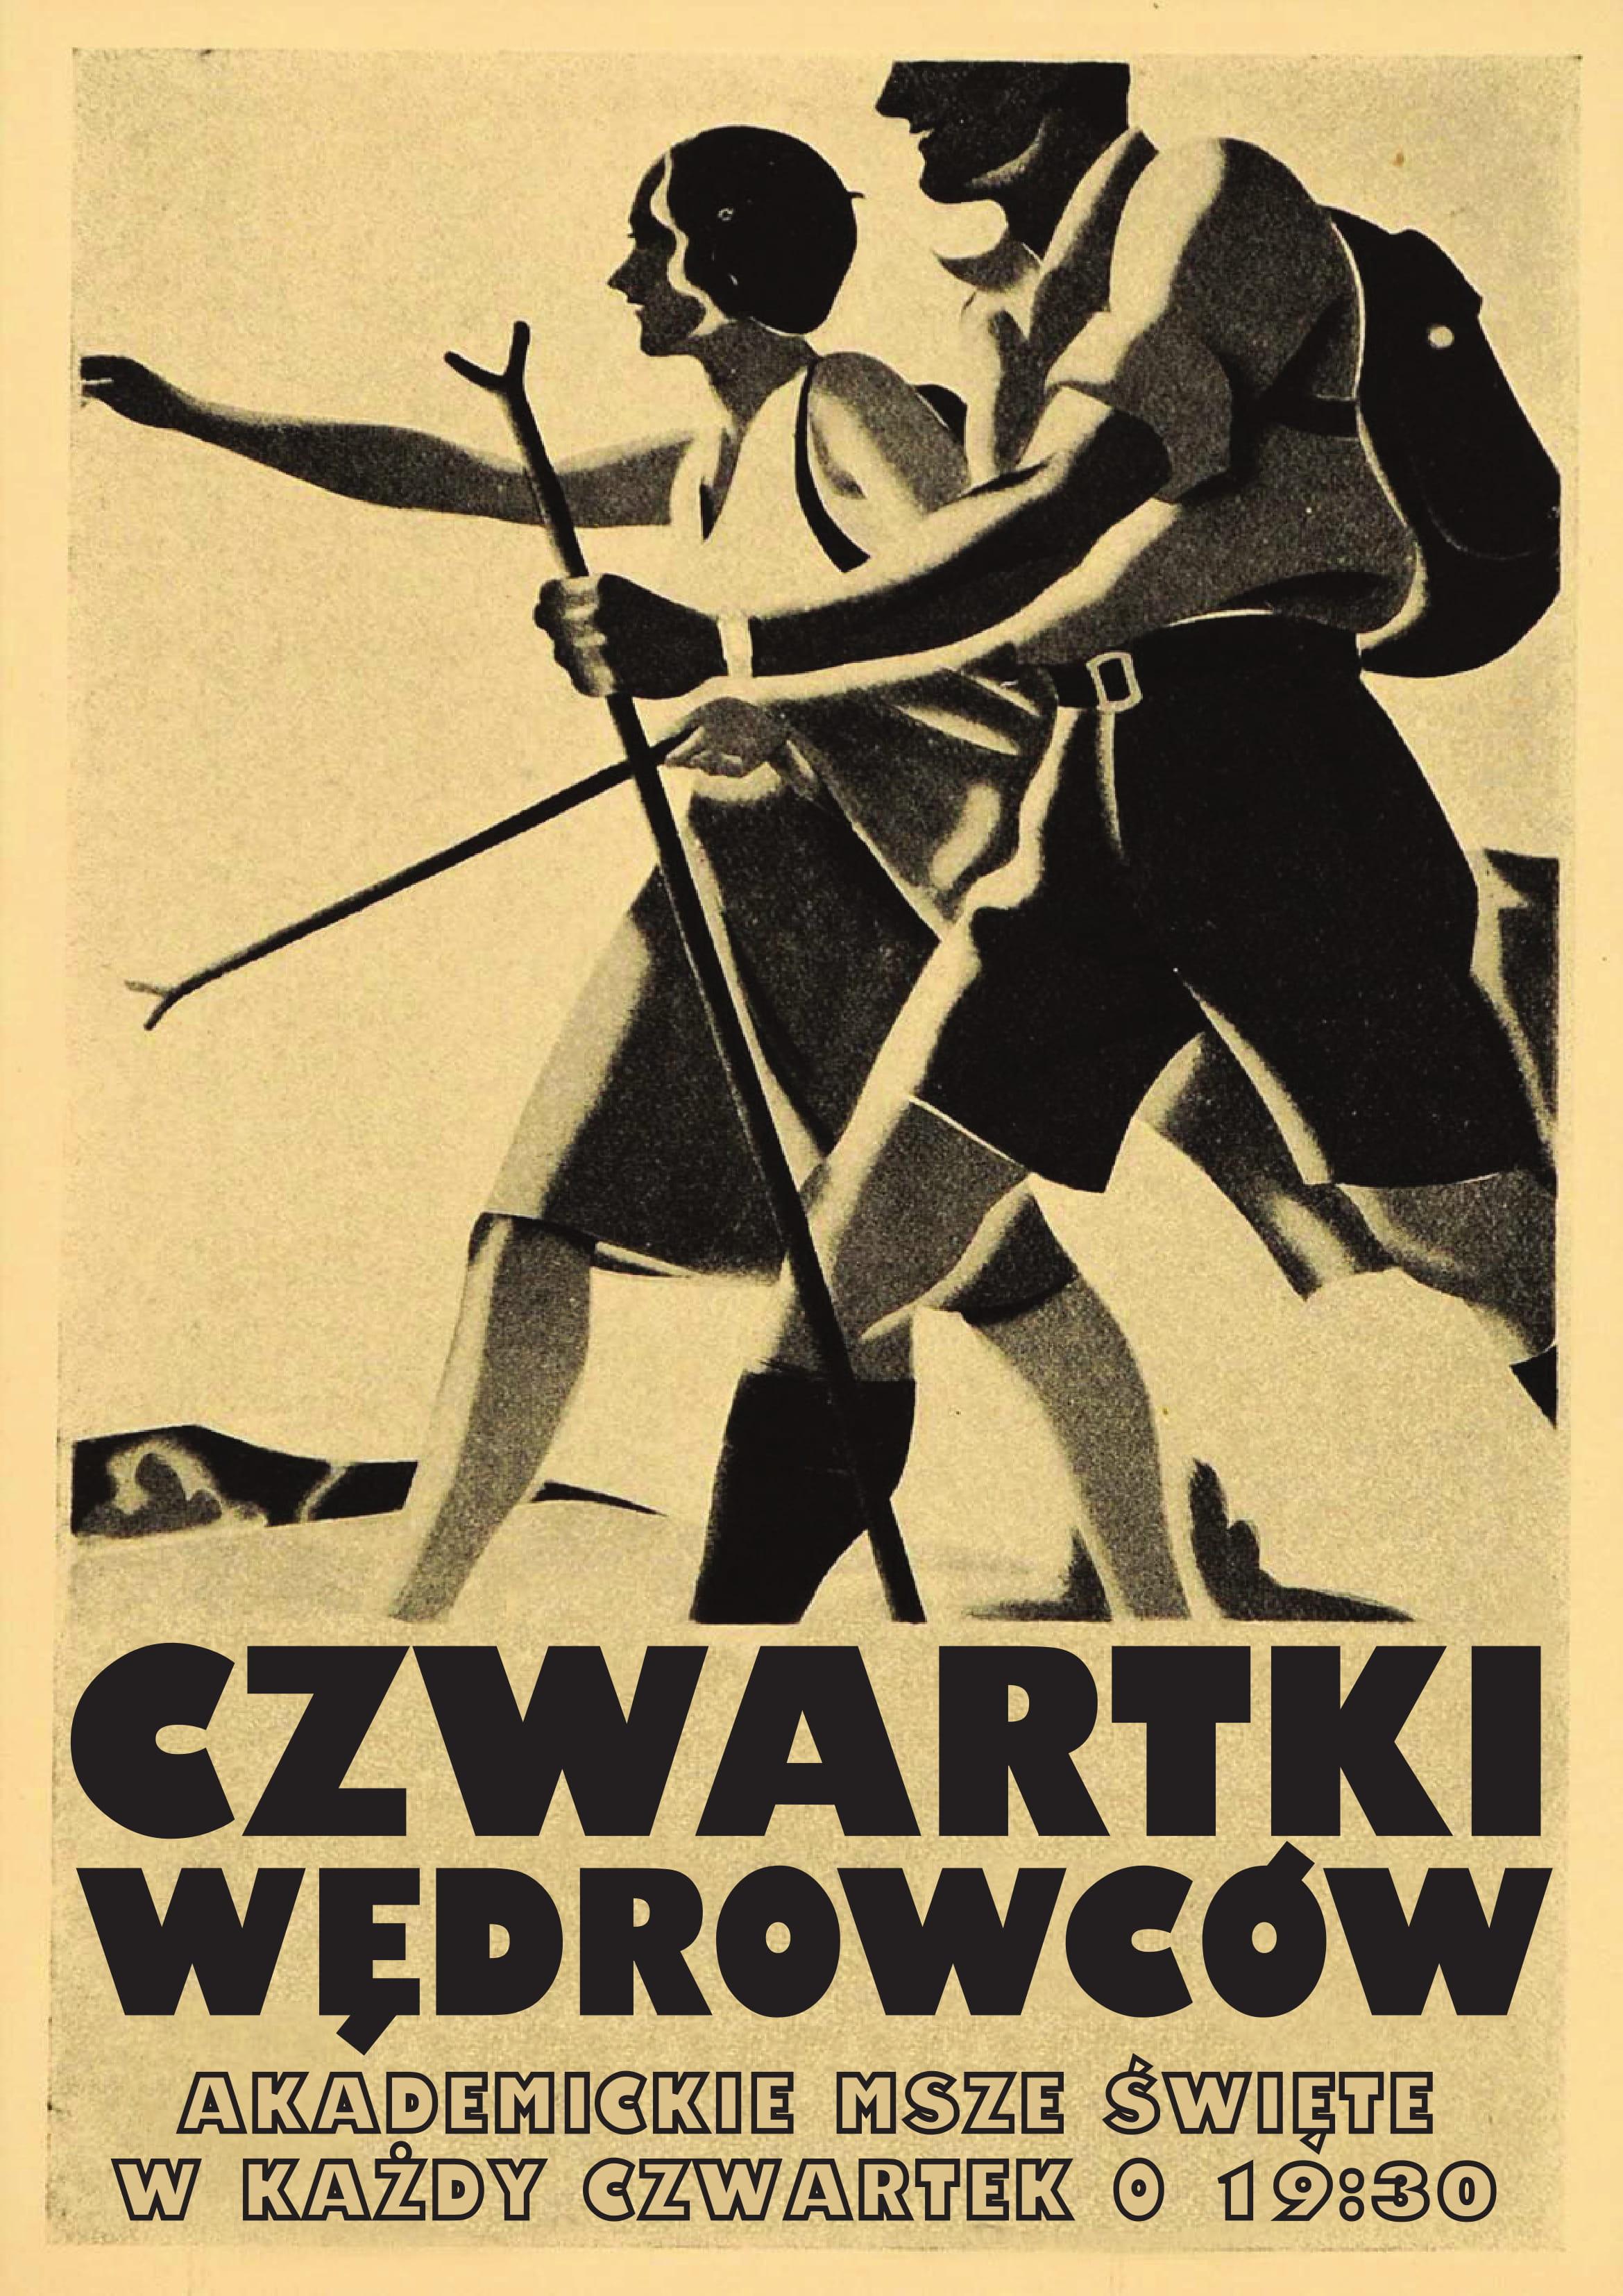 Czwartki wędrowców - plakat